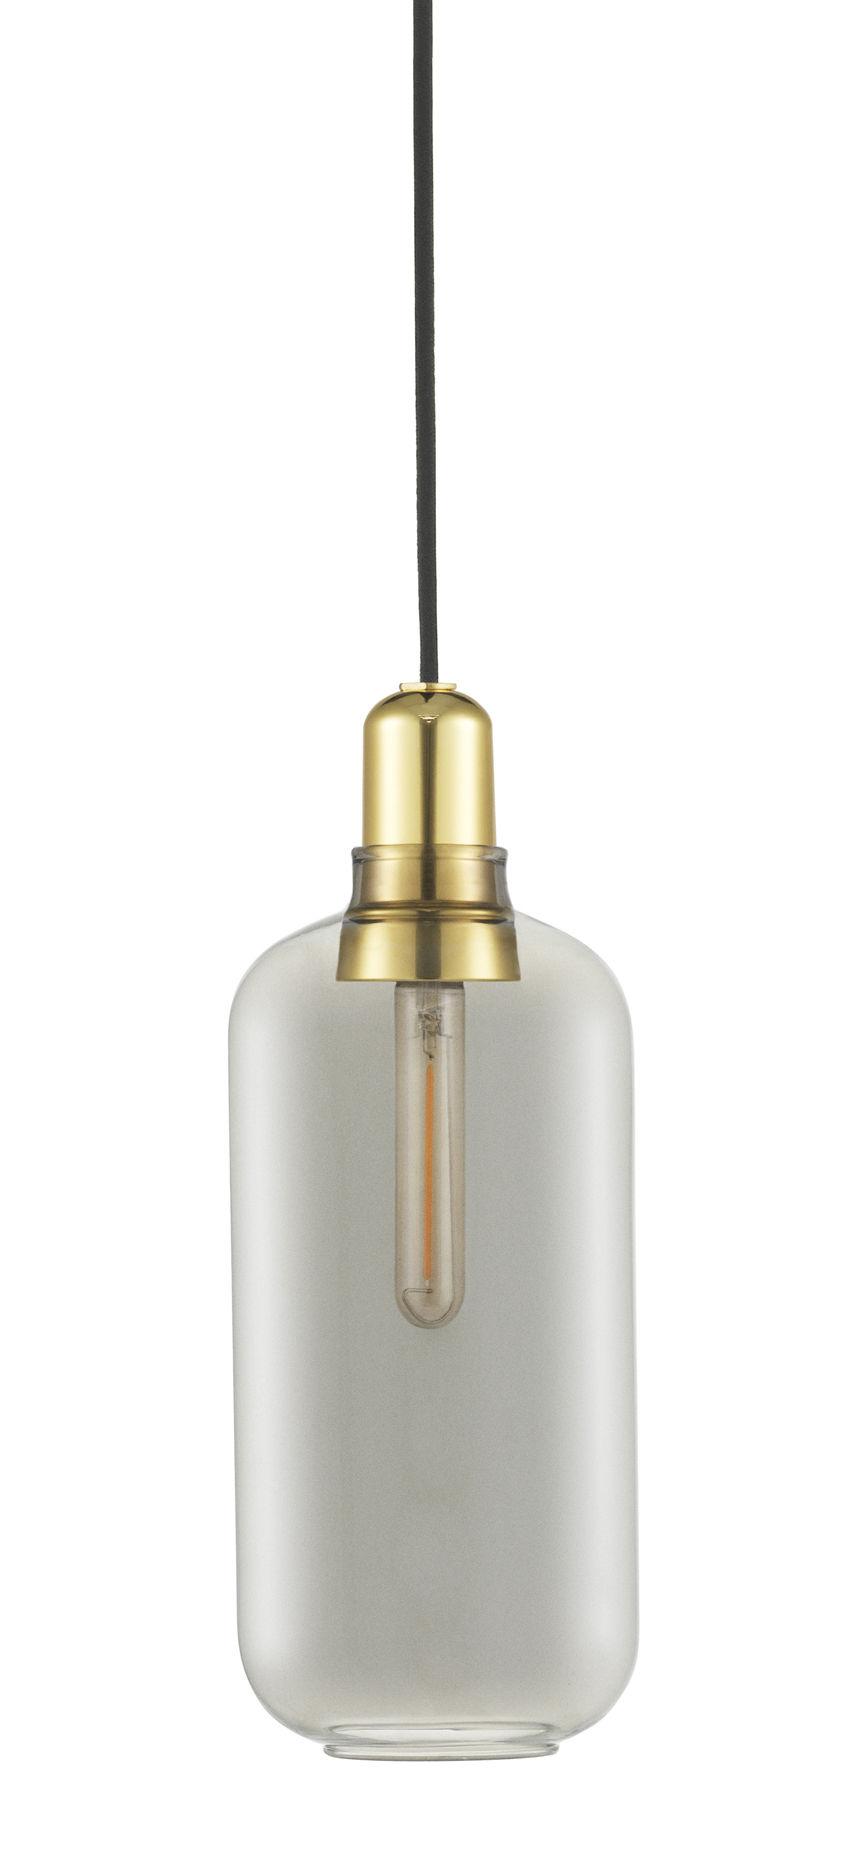 Amp Lâmpada de suspensão grande - Ø 11,2 x A 26 cm Latão   cinza fumaça Normann Copenhagen Simon Legald